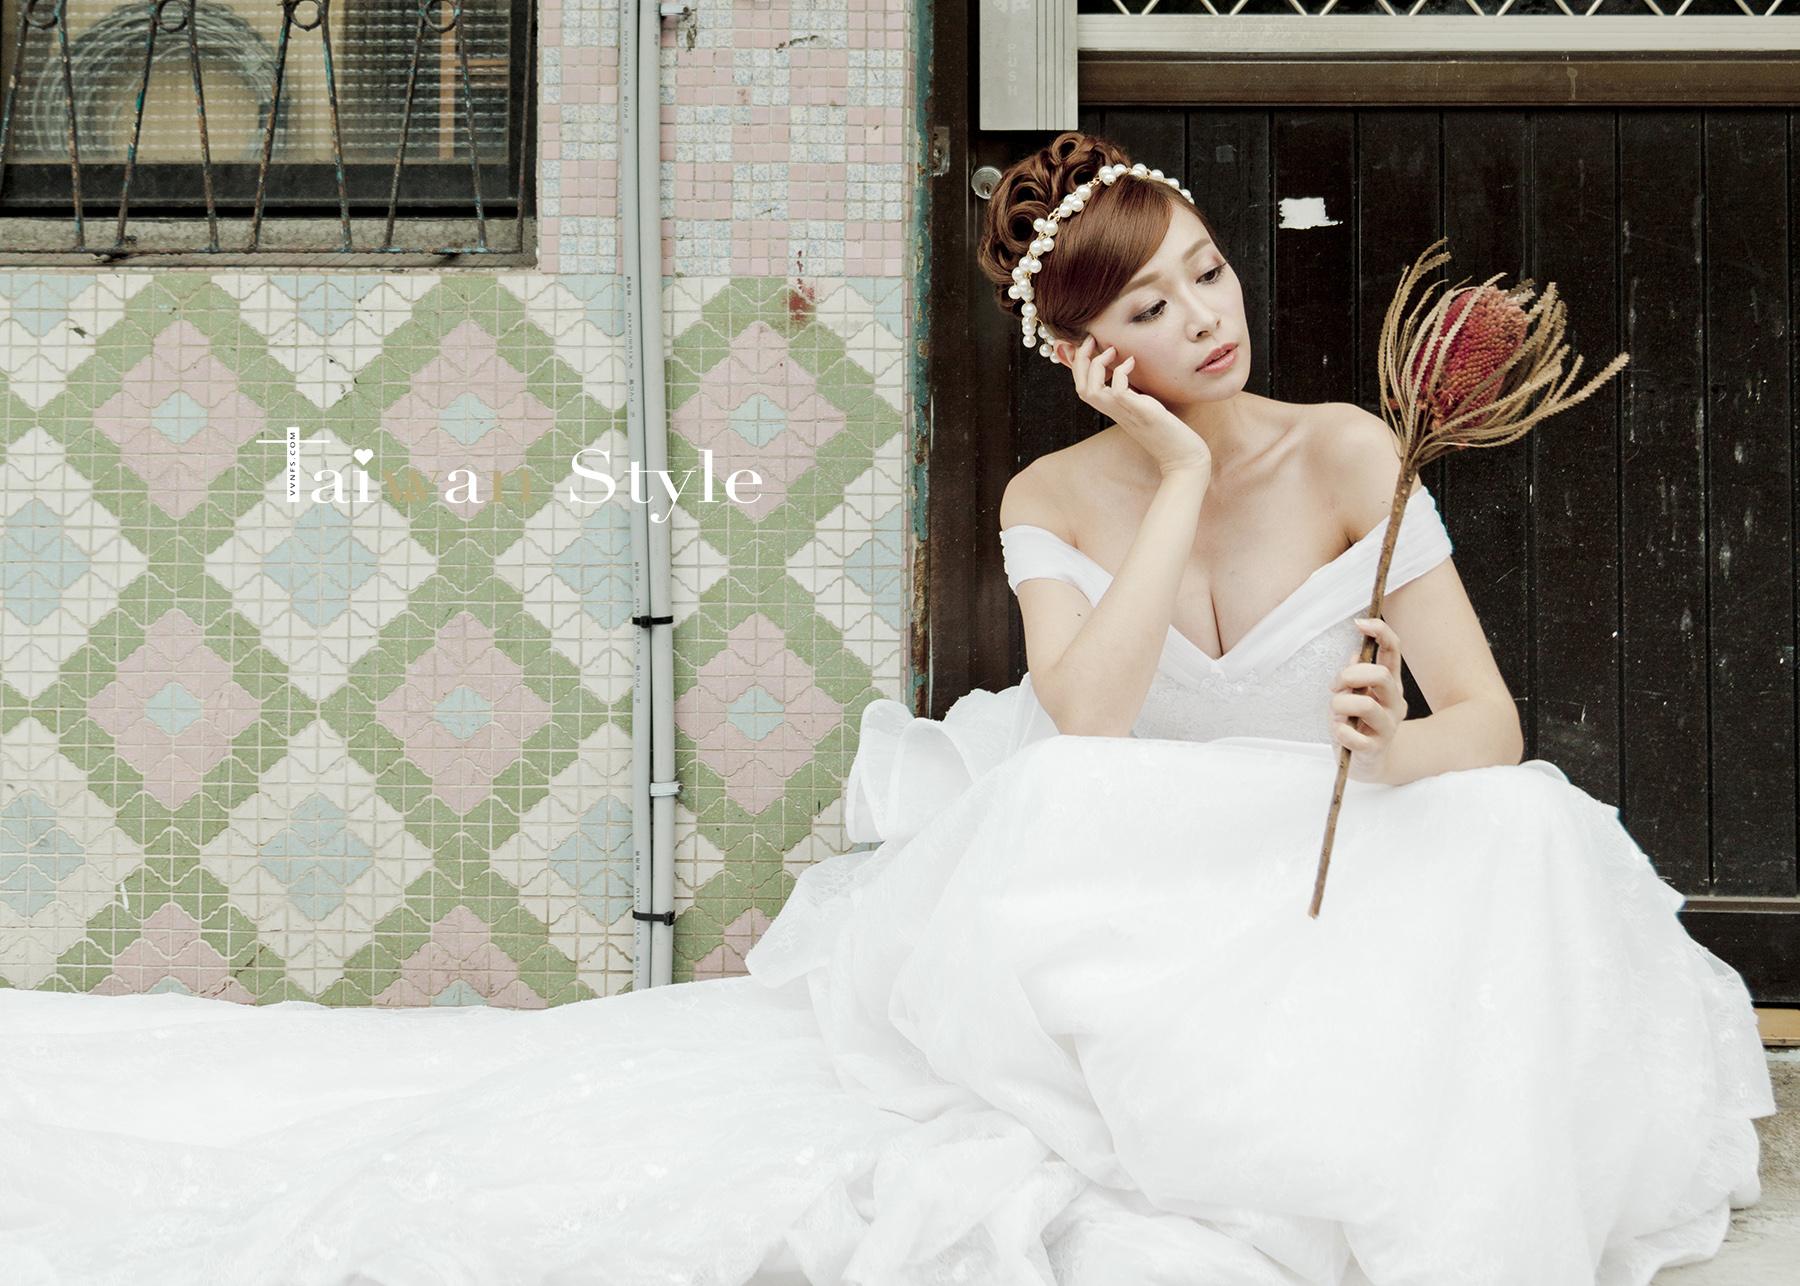 看見台灣百年婚紗之美-2000姐姐時代-新娘物語 x VVNFS方美玉台南新秘5